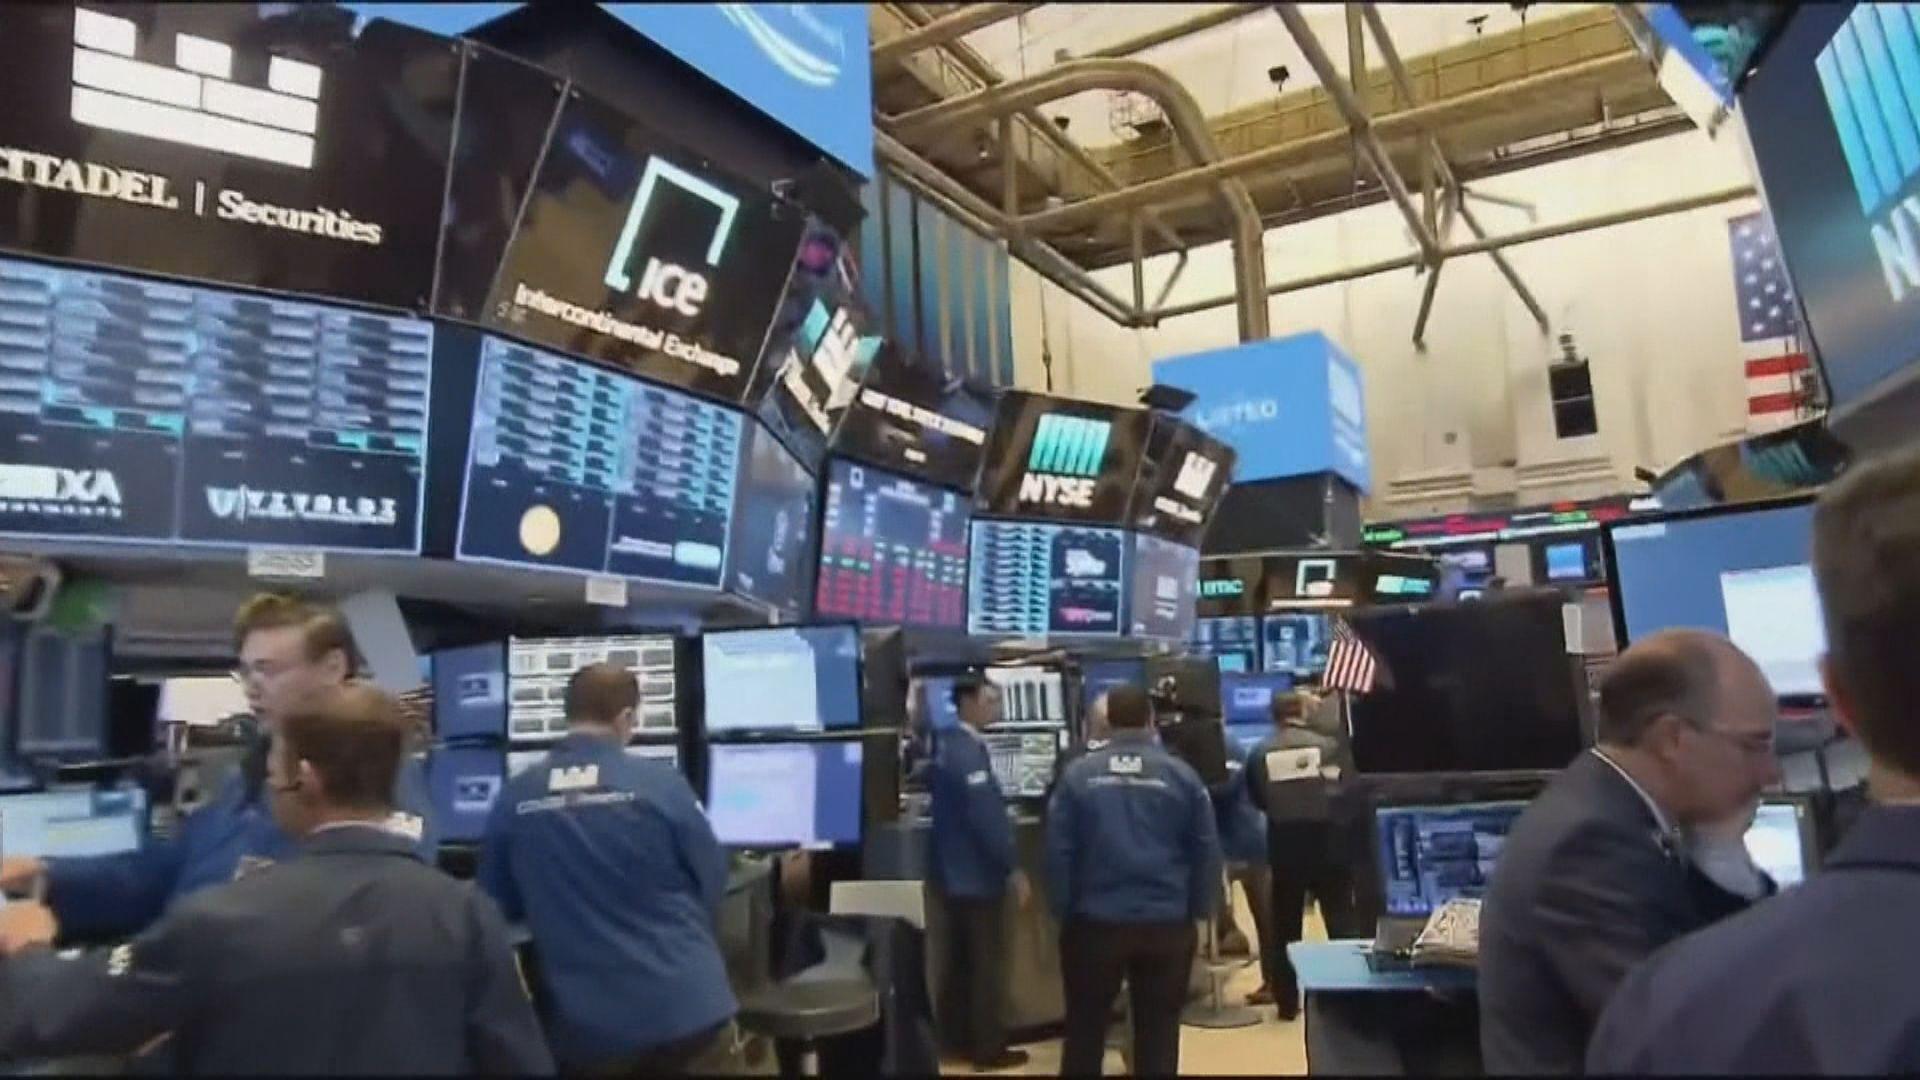 製造業數據弱及憂慮中美貿易形勢 美股下跌